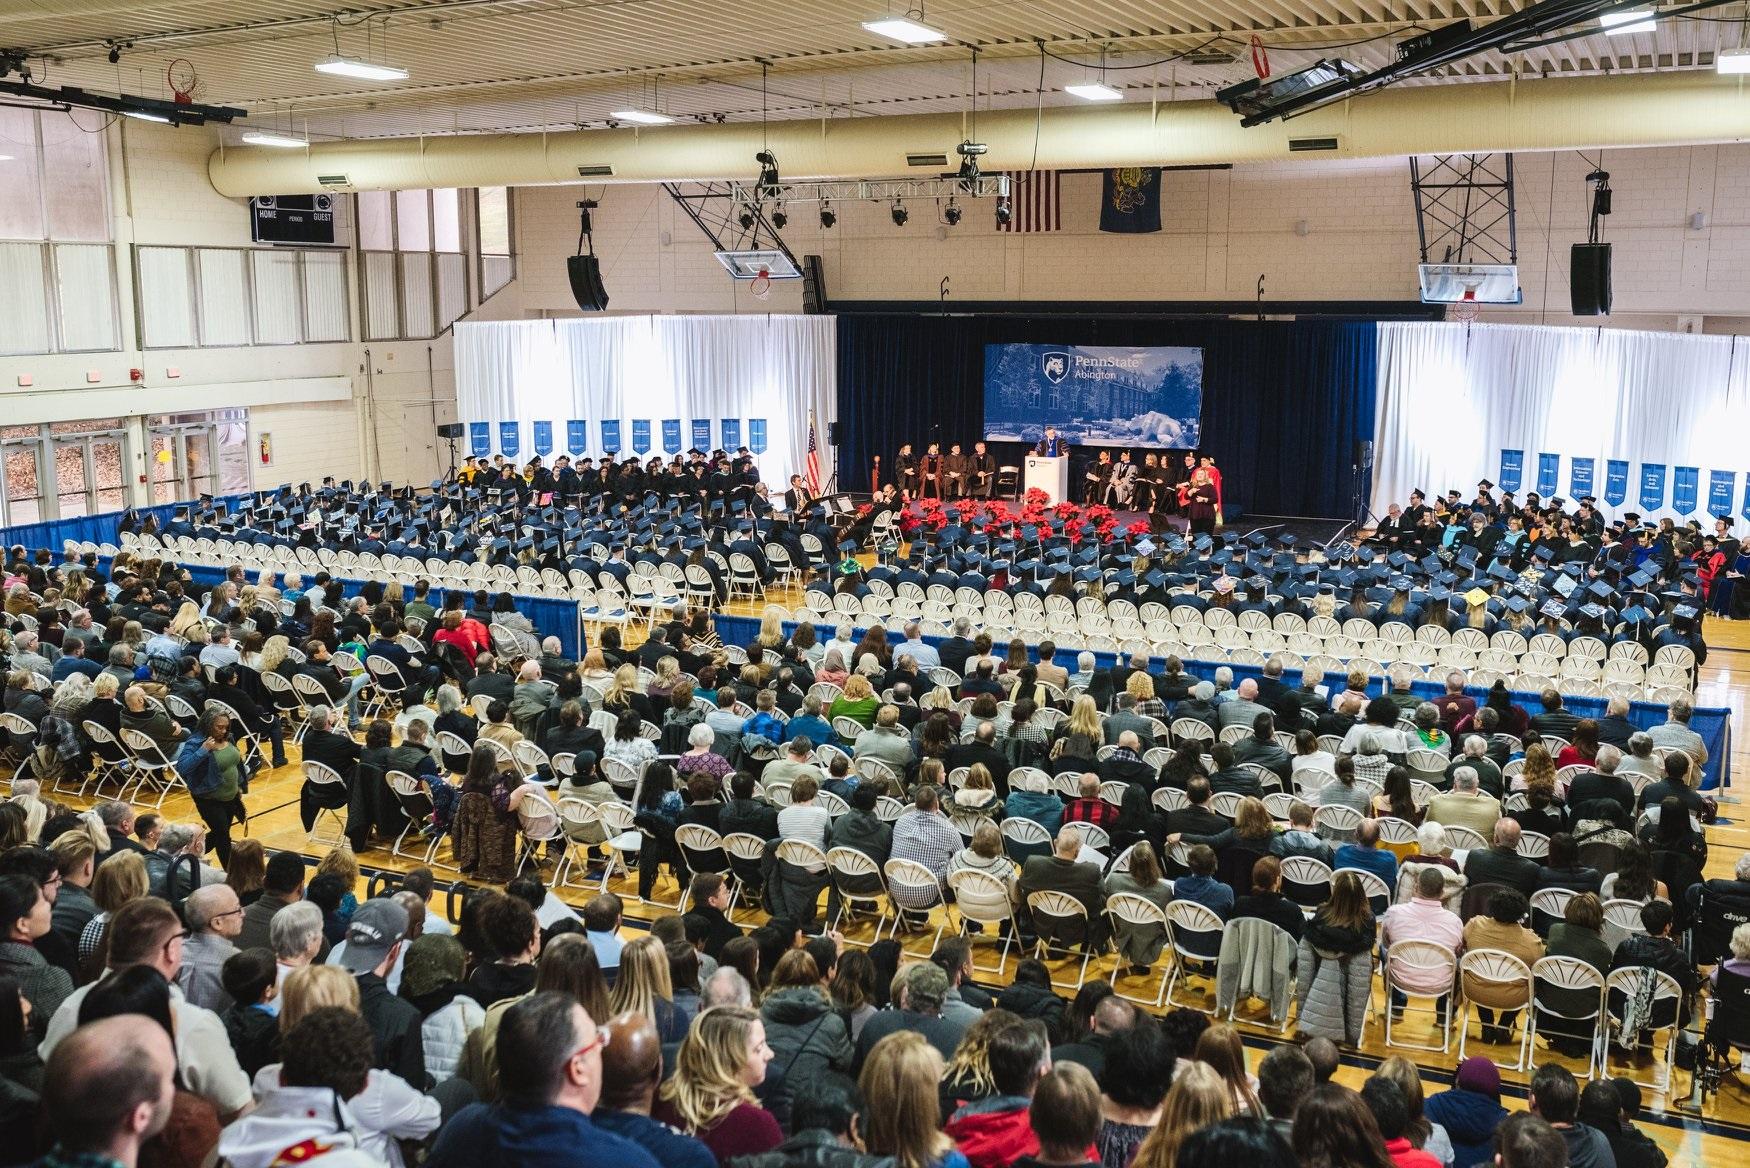 Glenside Local: Penn State Abington Commencement